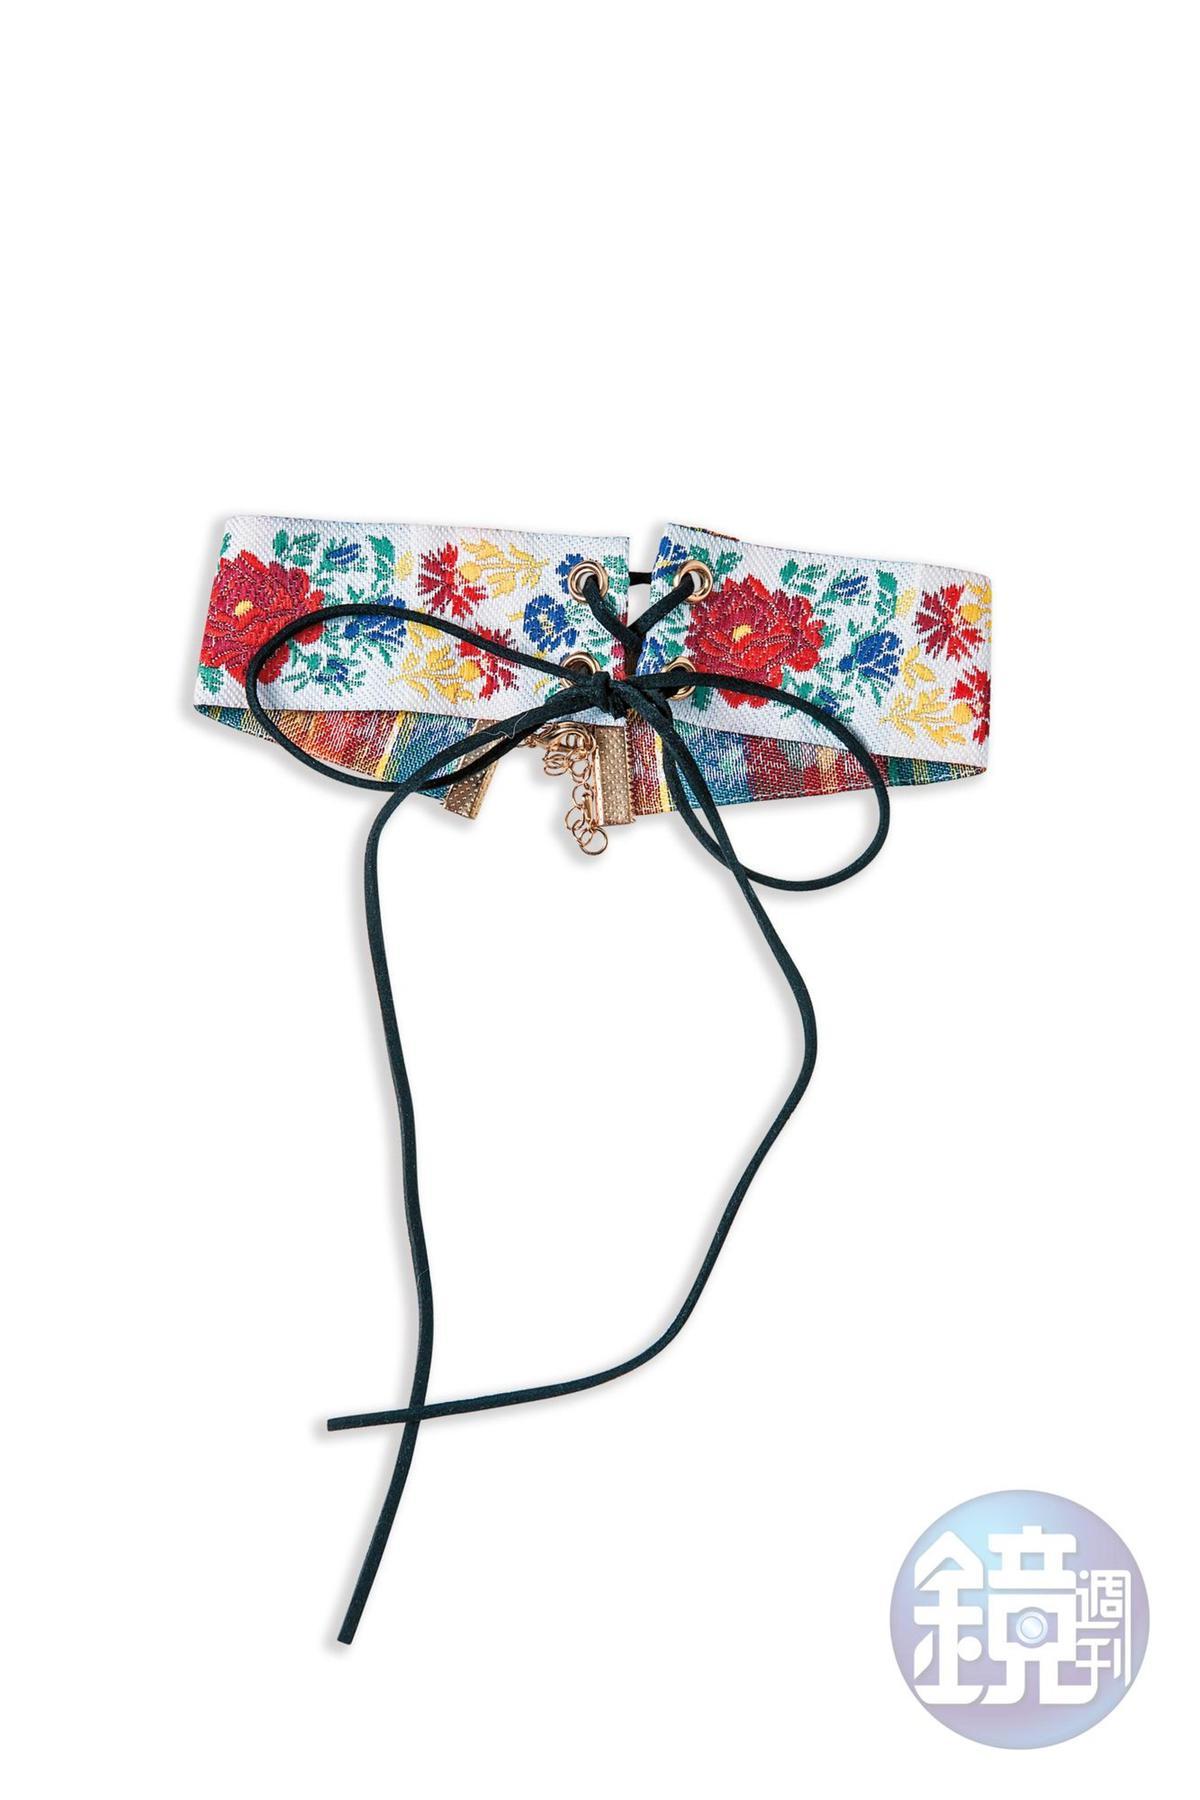 WEGO彩色花卉邱可頸鍊,朋友送的。